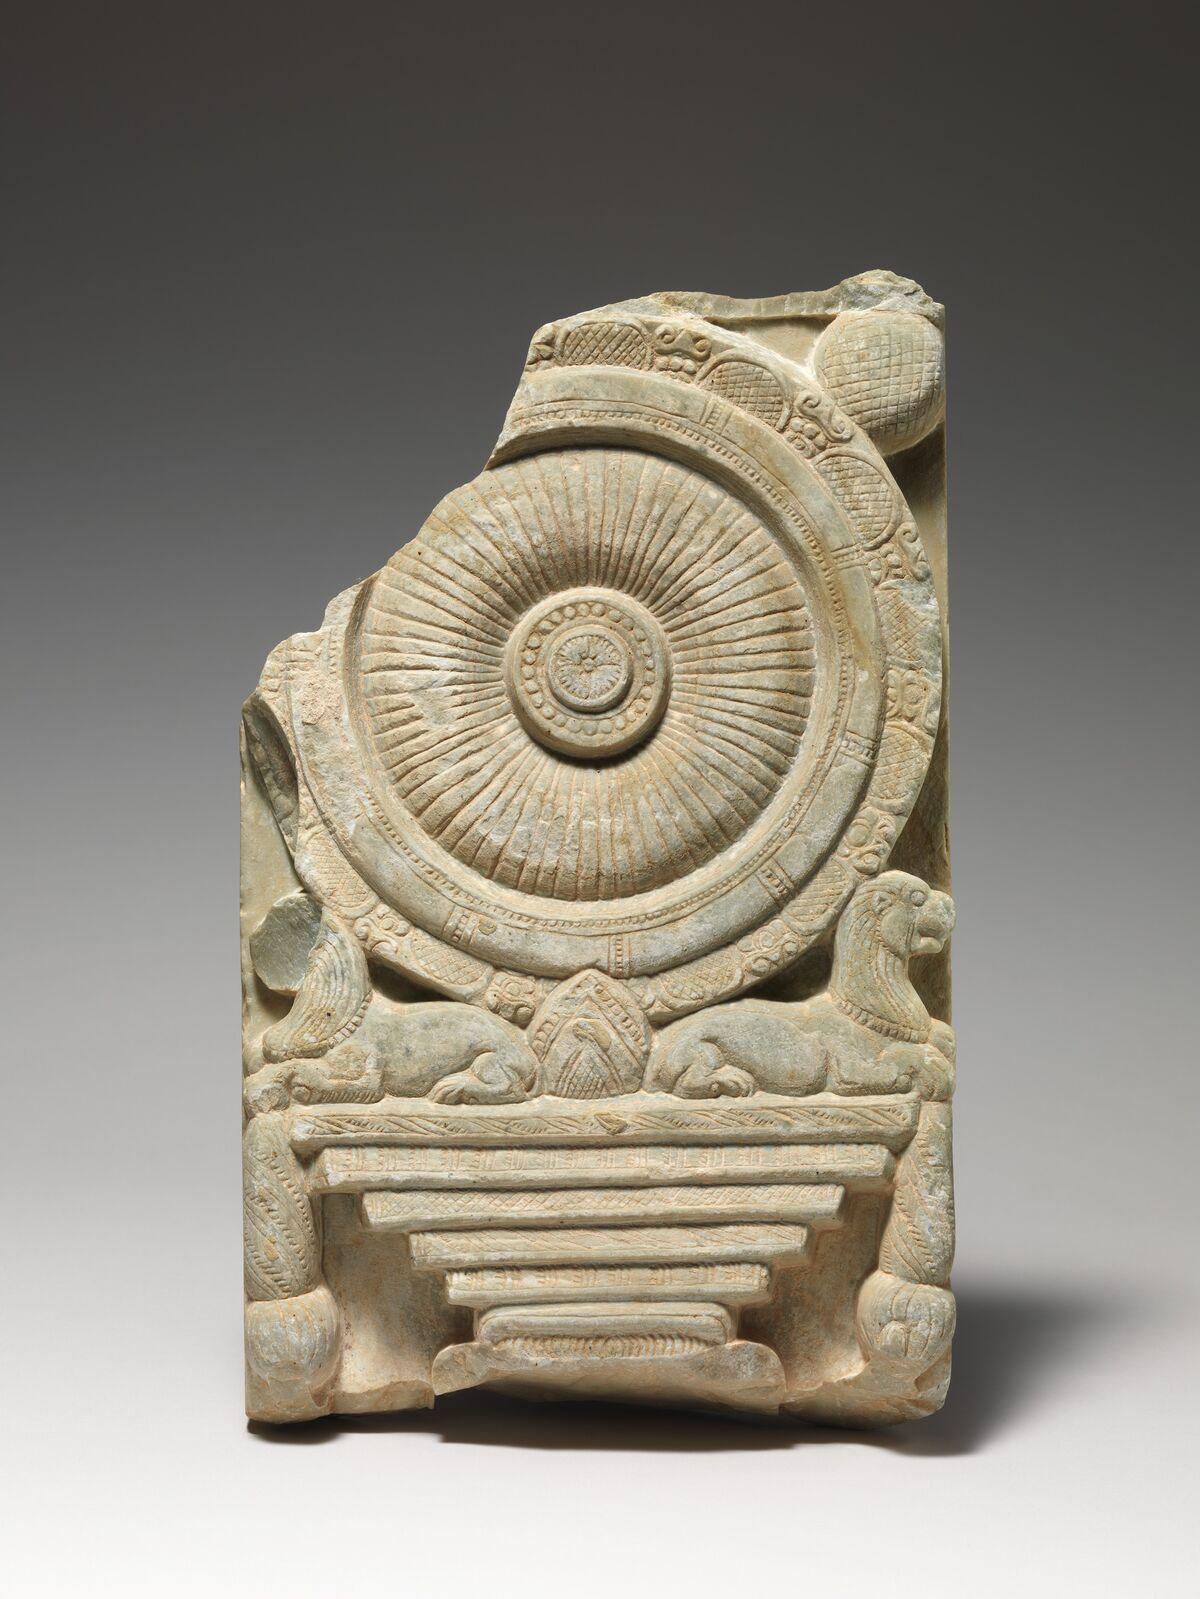 """Alivio """"Dharmachakrastambha"""" (Pilar de la Rueda Budista de la Ley) Alivio, siglos 2 y 3 A, D.  India (probablemente Nagarjunakonda, Andhra Pradesh).  Cortesía del Museo Metropolitano de Arte."""